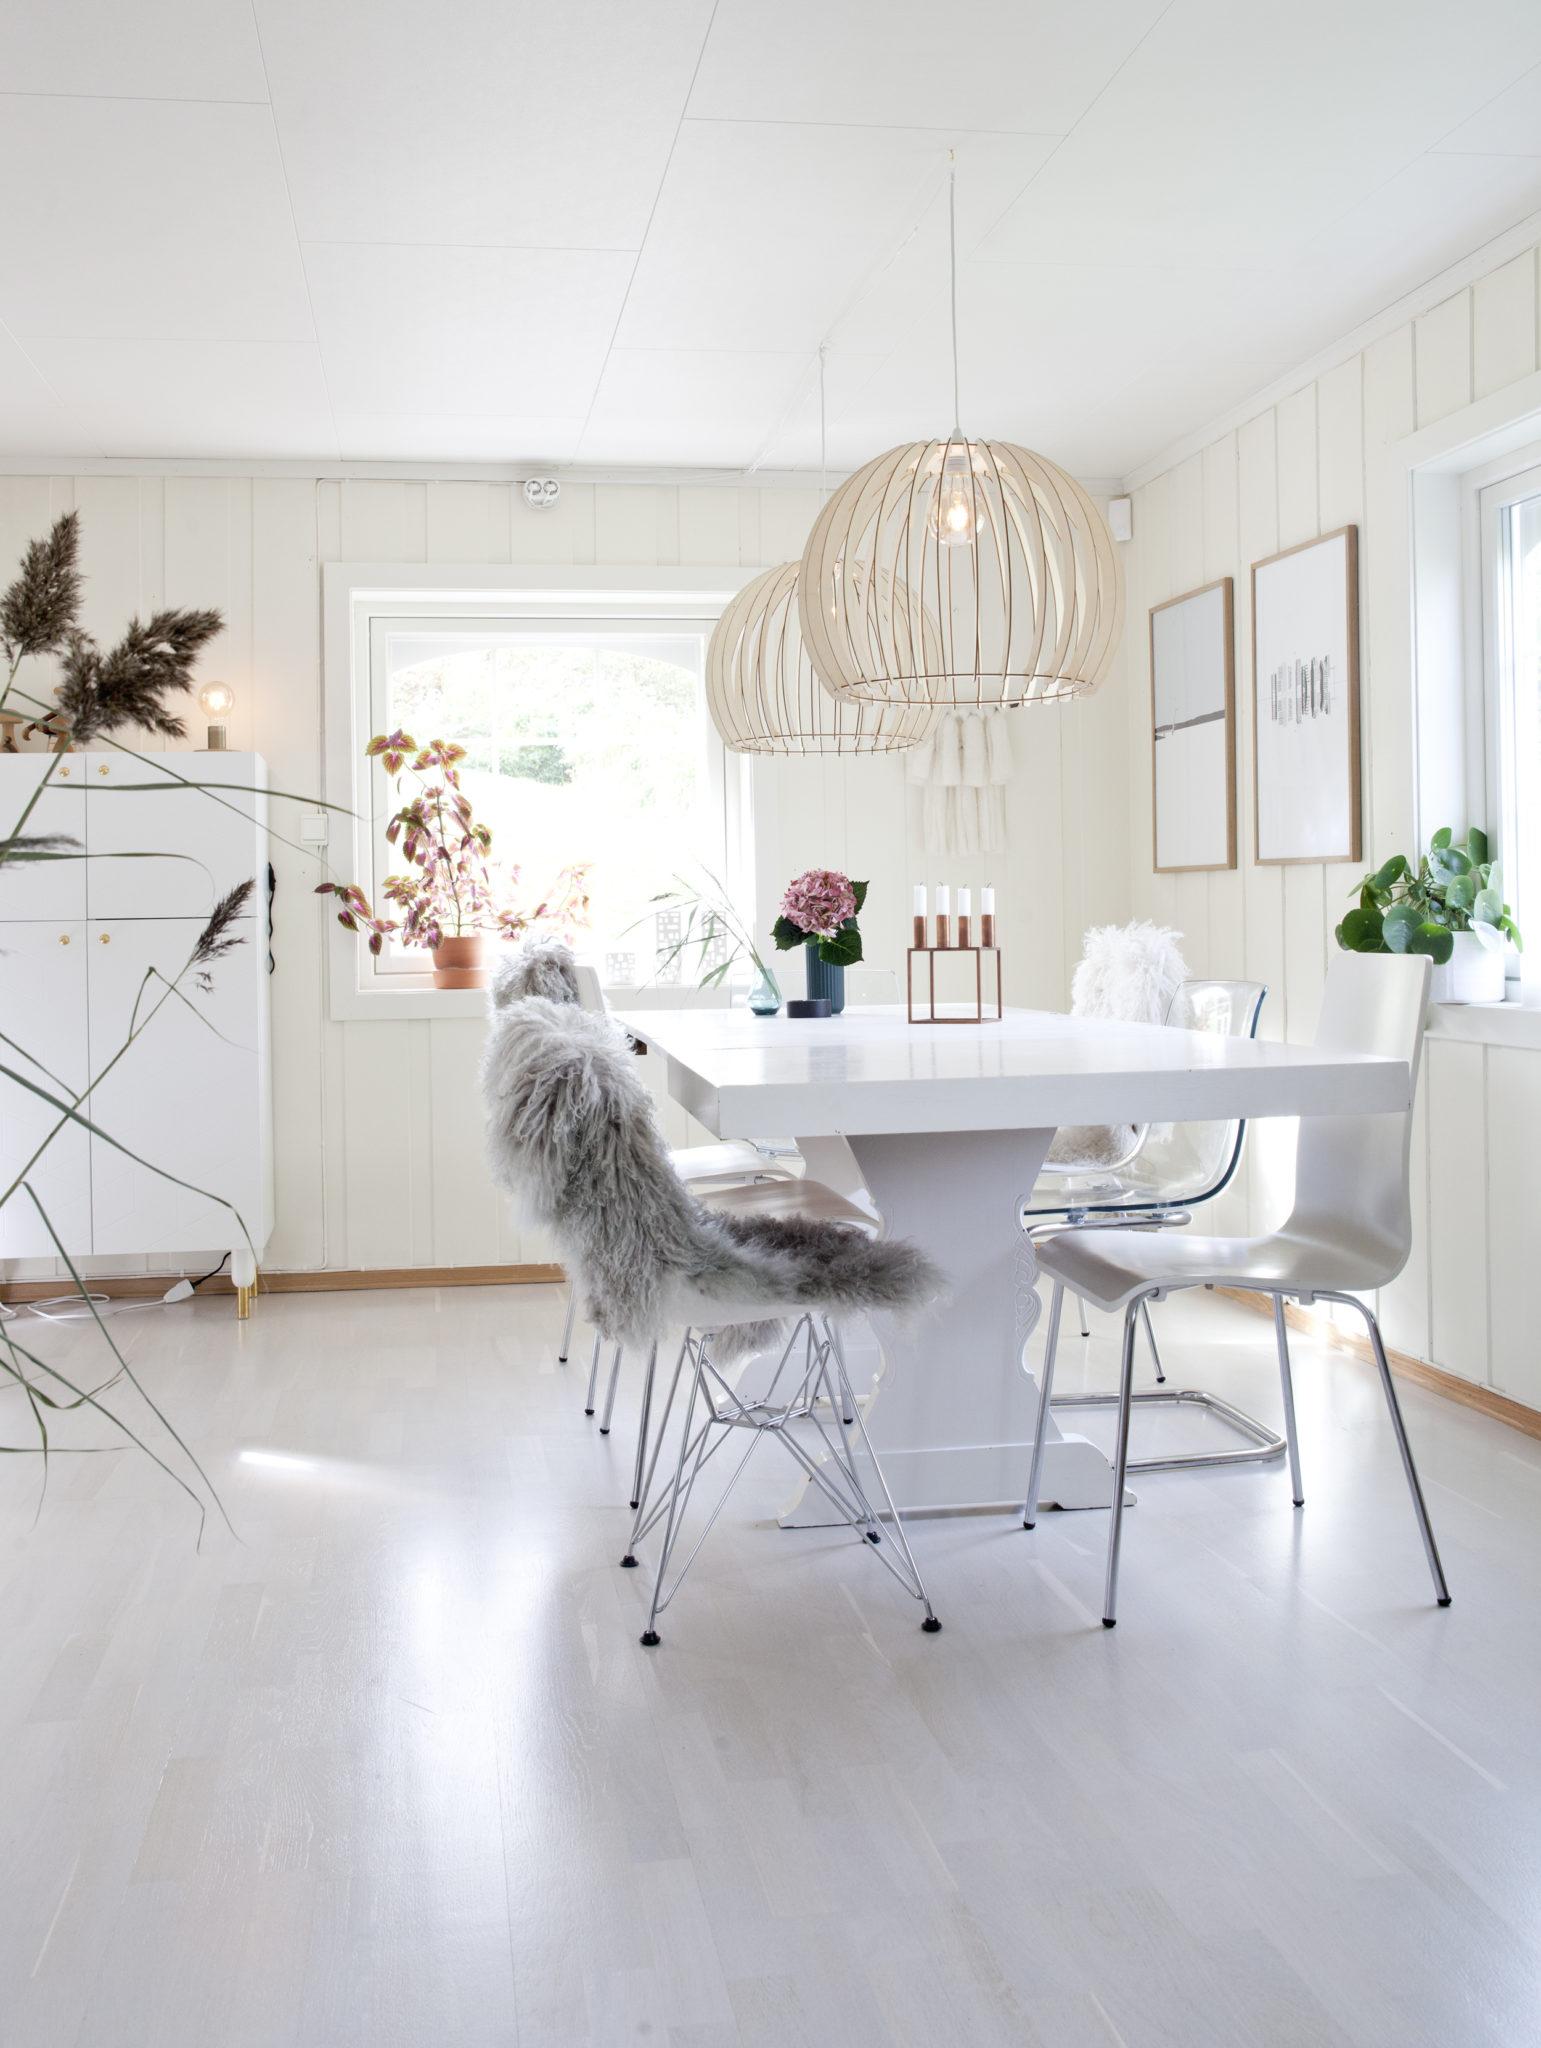 Lampe over spisebord